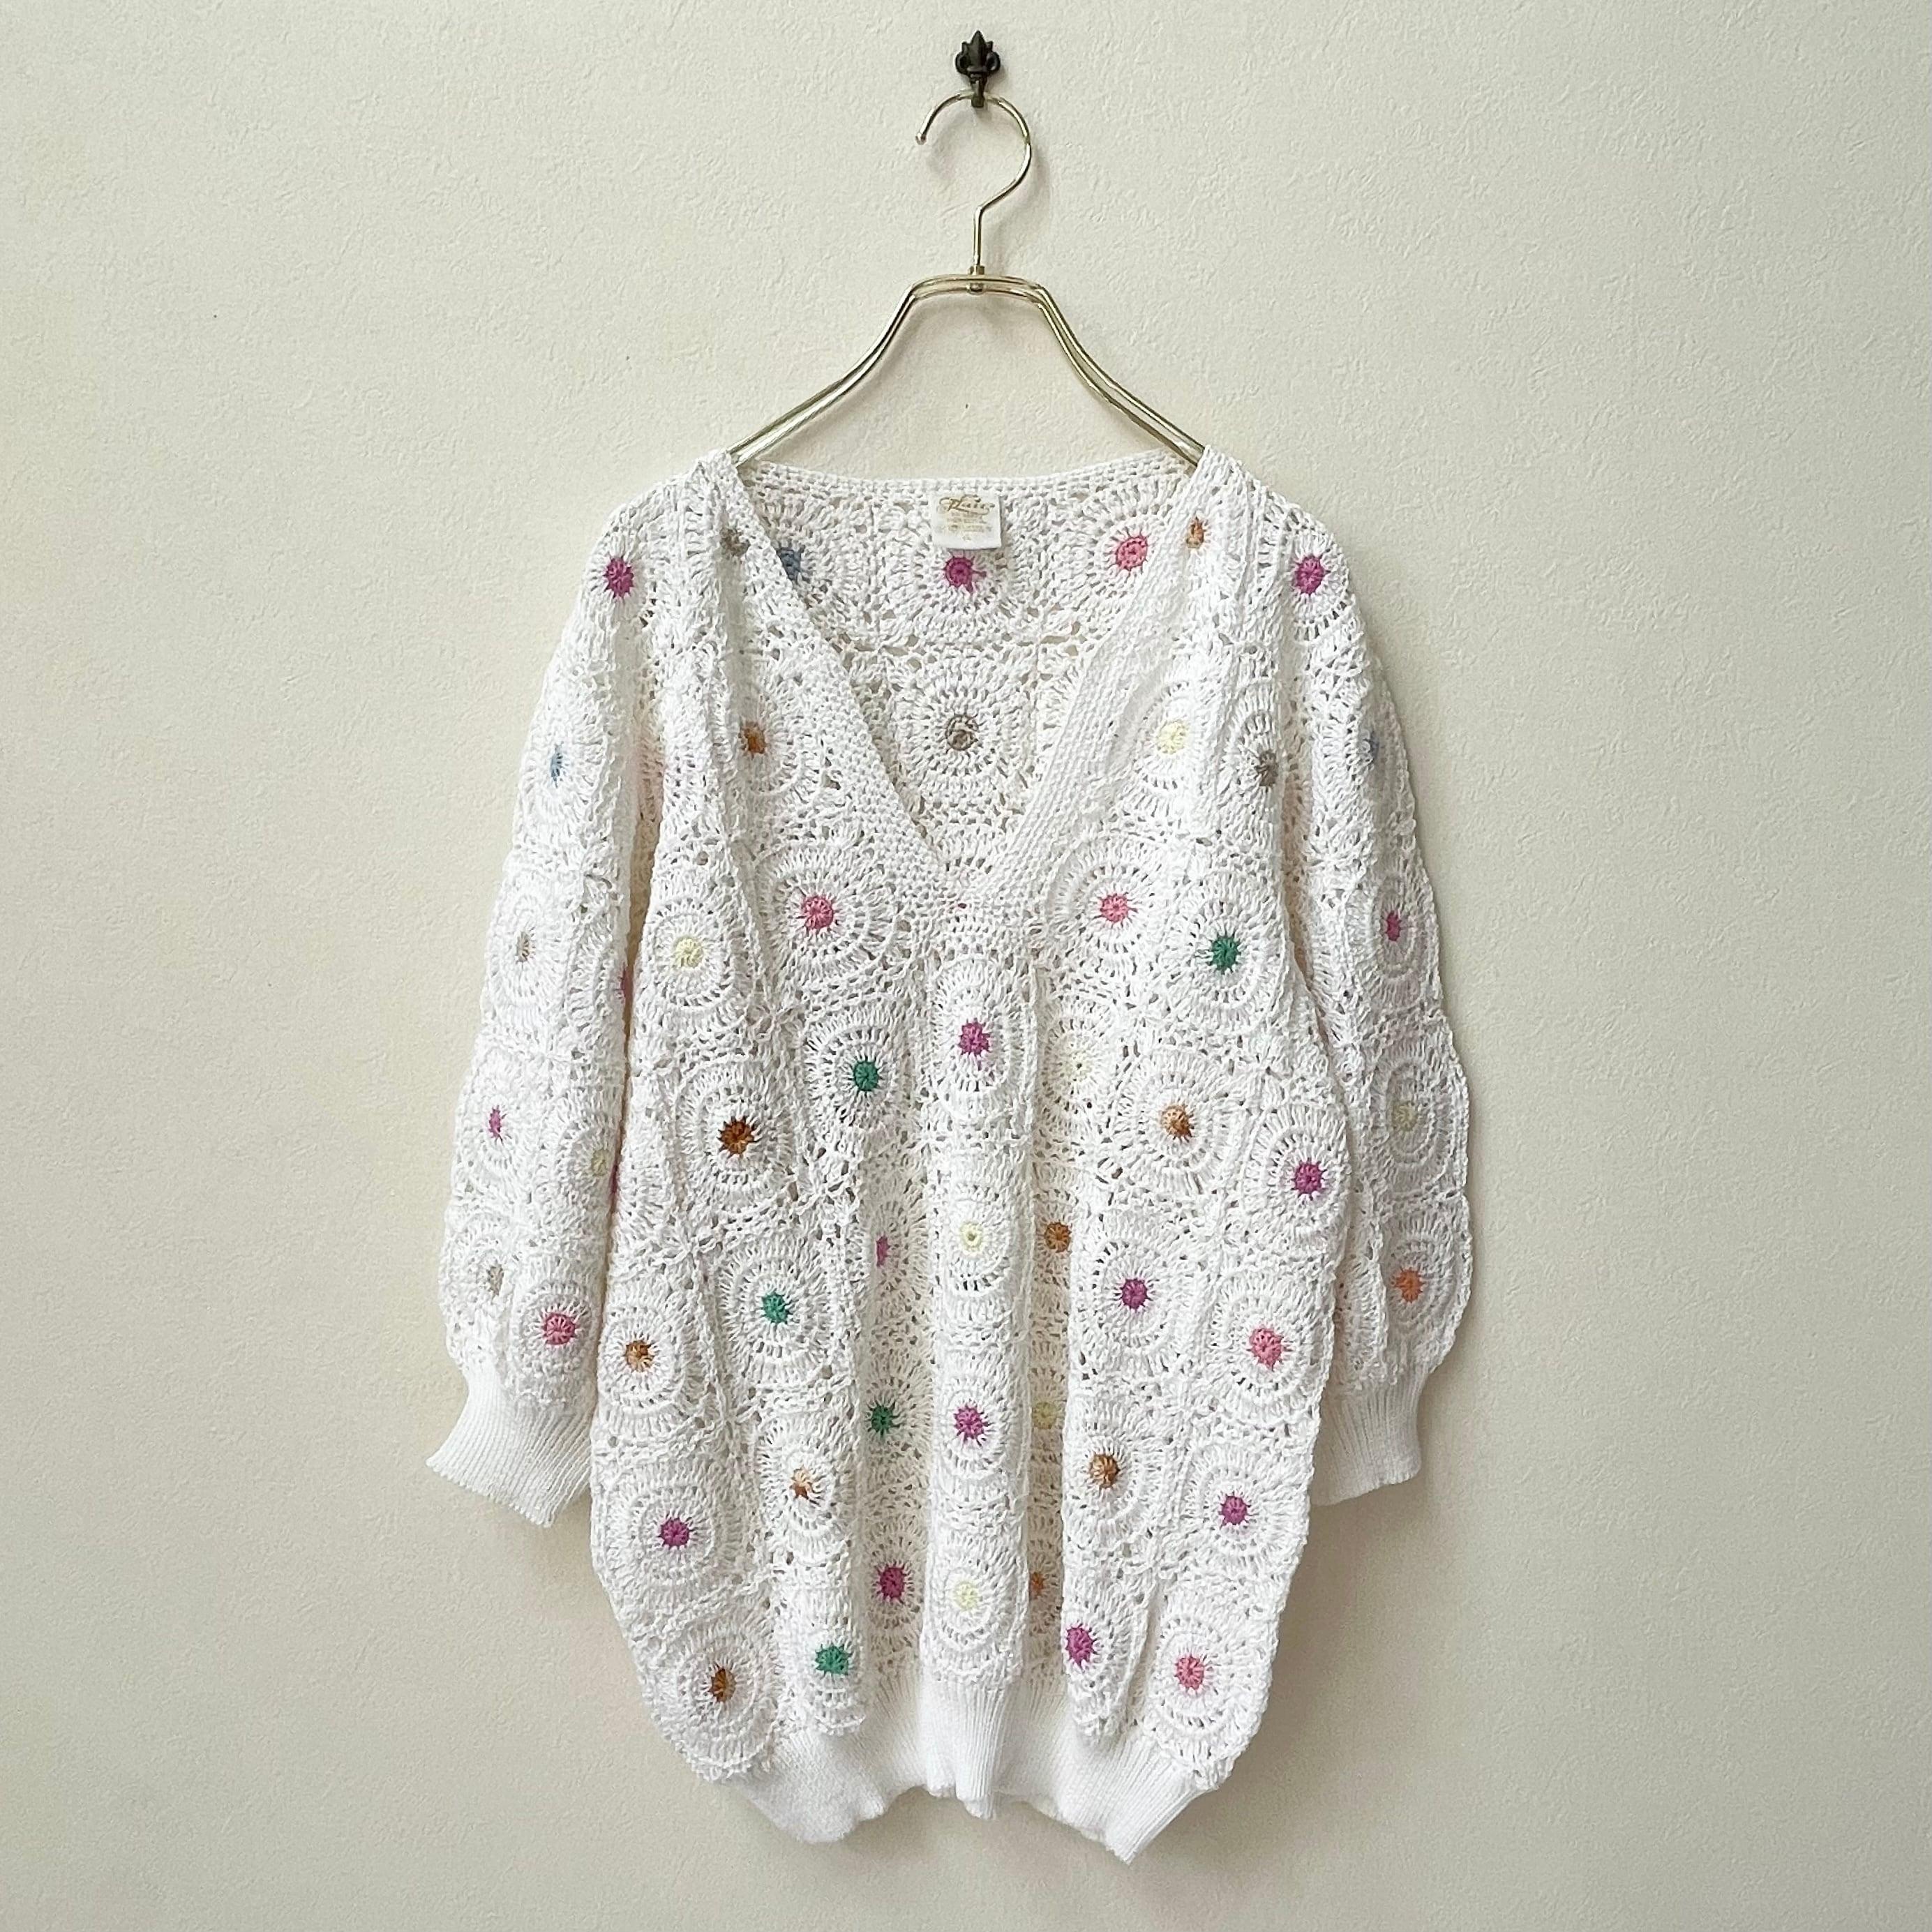 レディース ハンドメイド かぎ針編み ニット 80〜90年代 アメリカ古着 日本LL